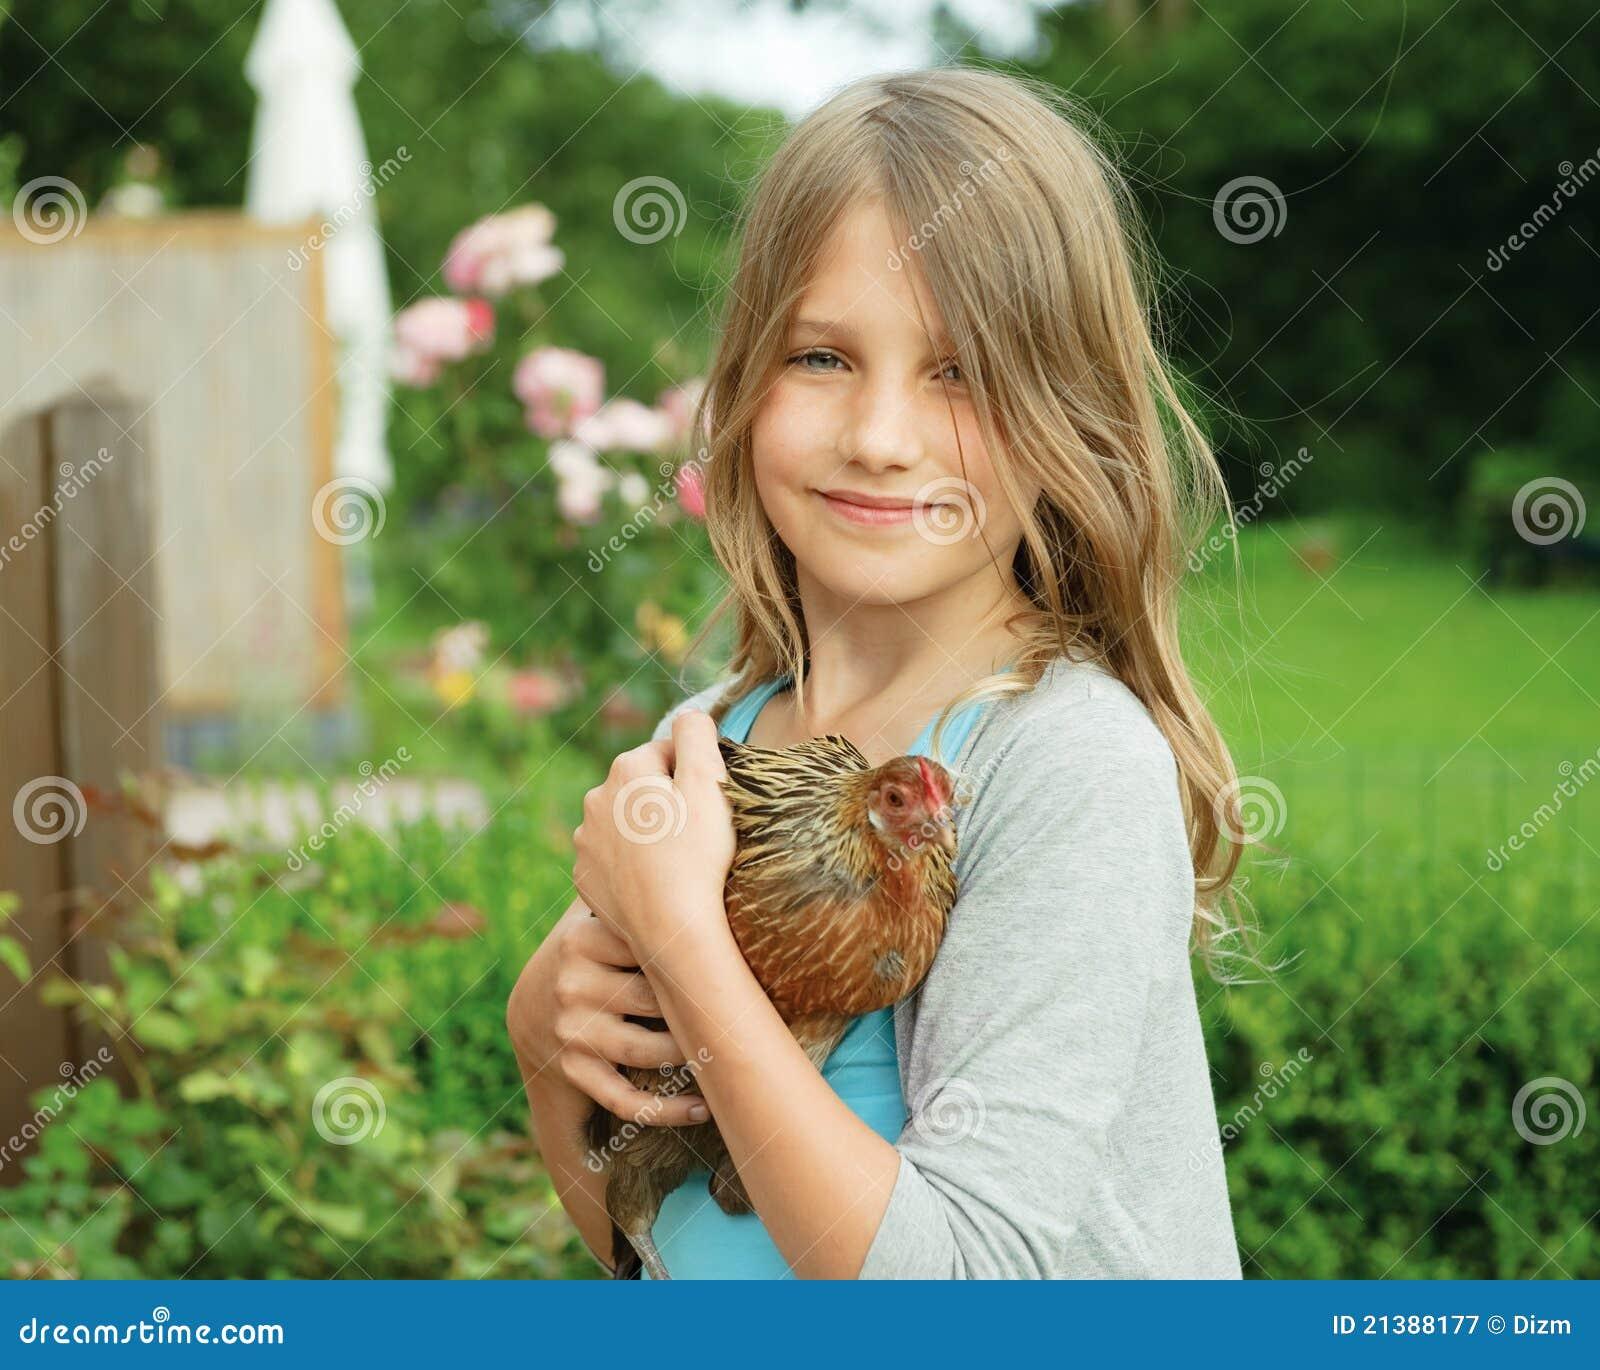 Куриные девушки фото